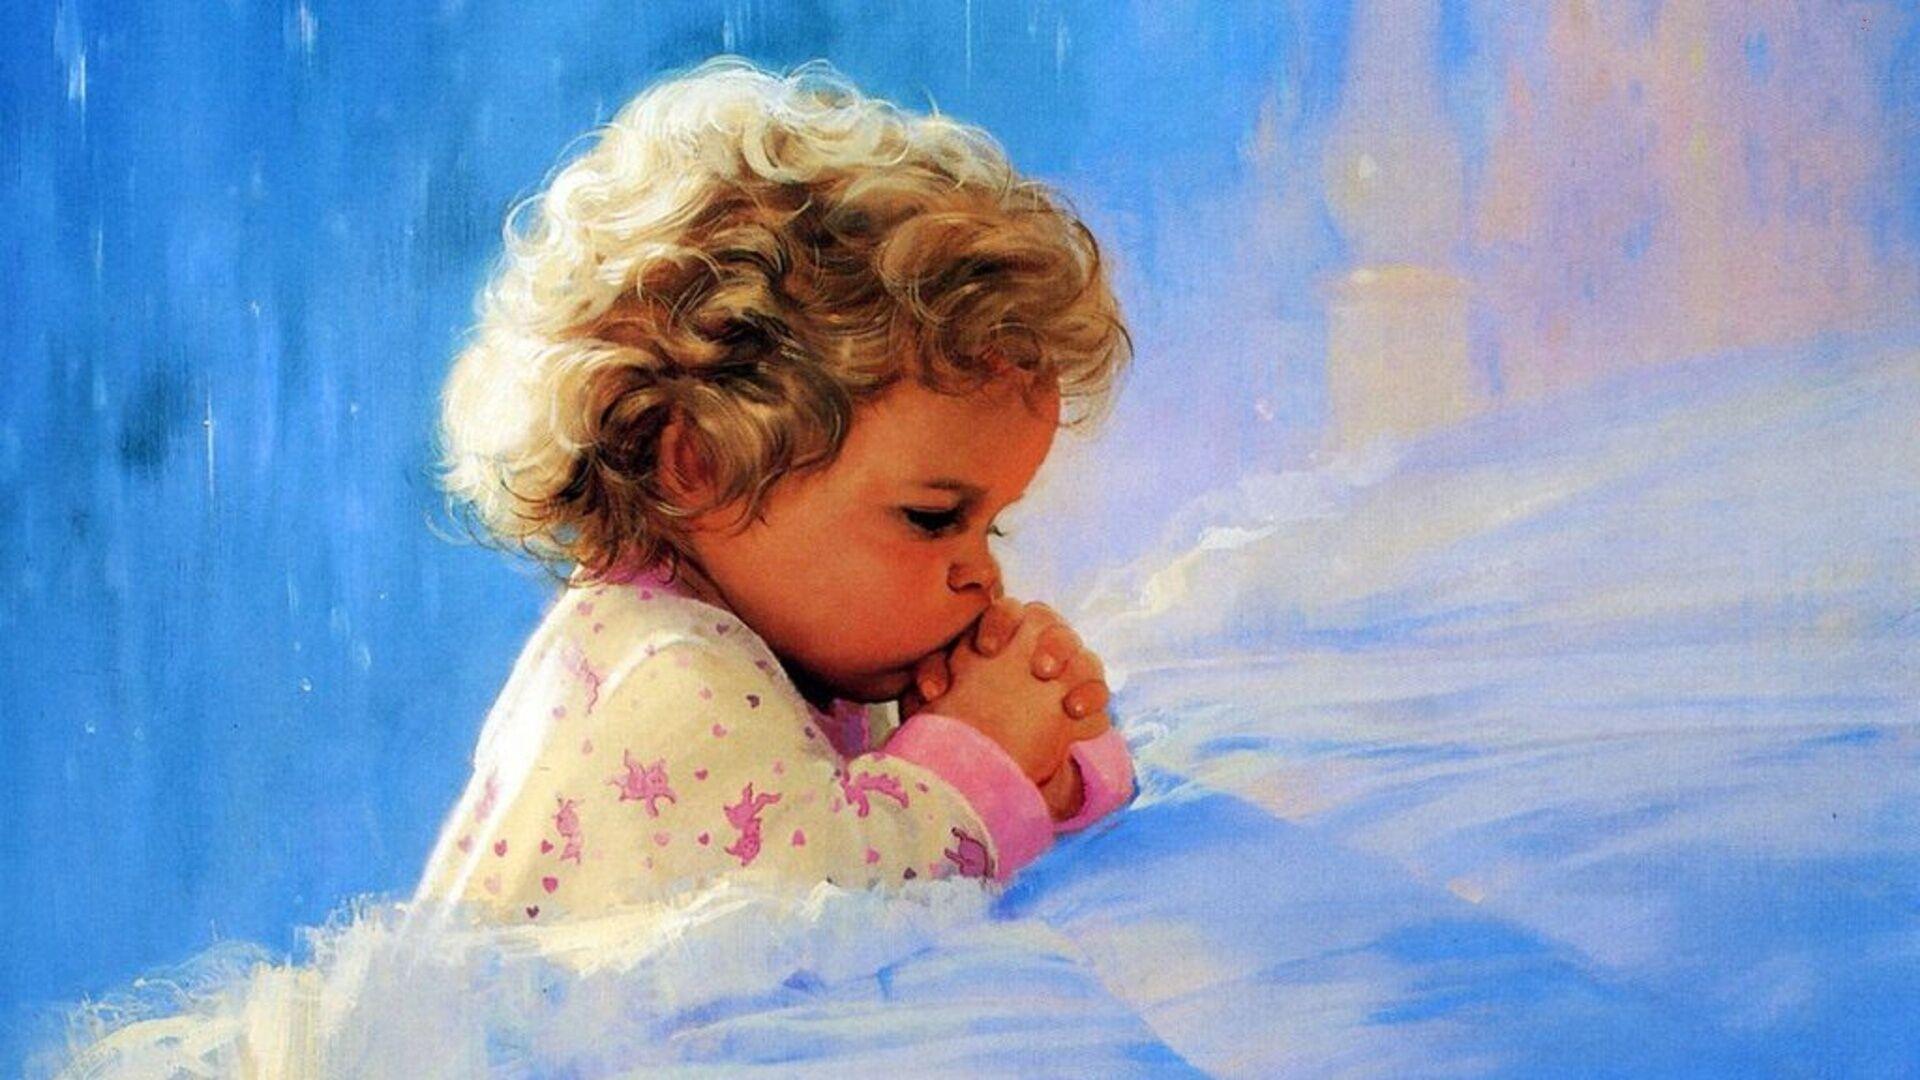 Дитя молится